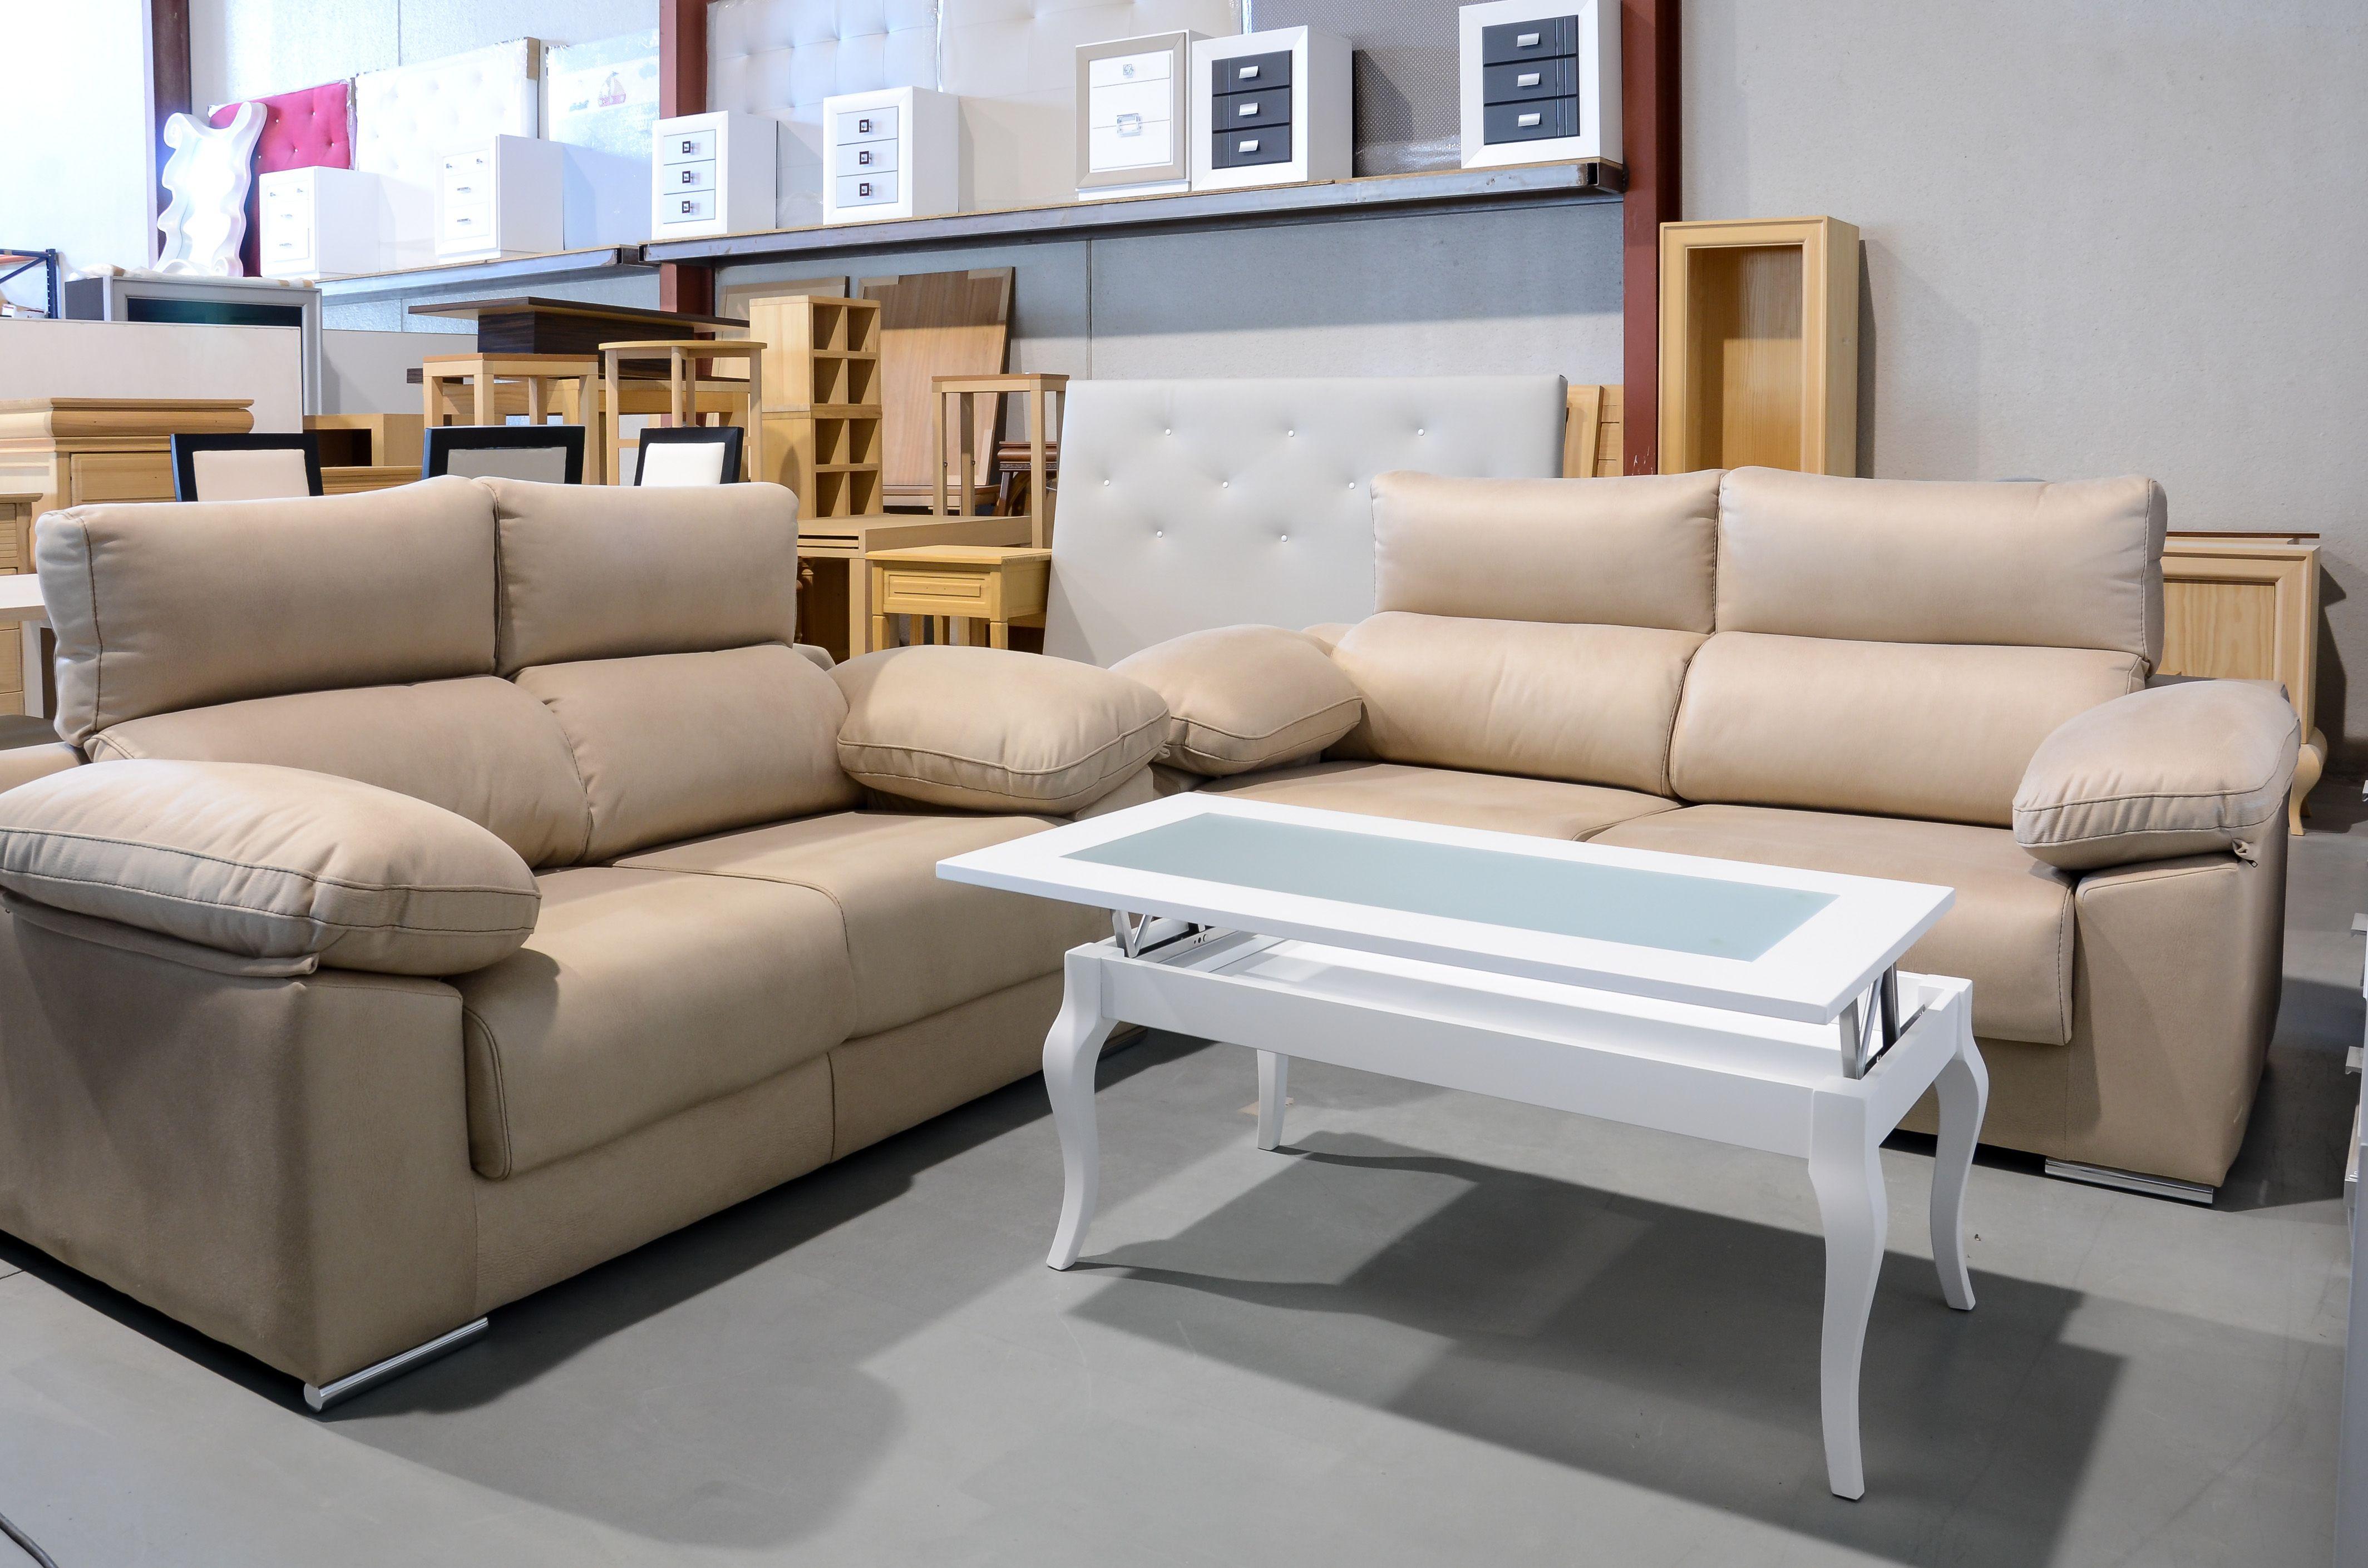 Venta de sofás y muebles de salón en Murcia